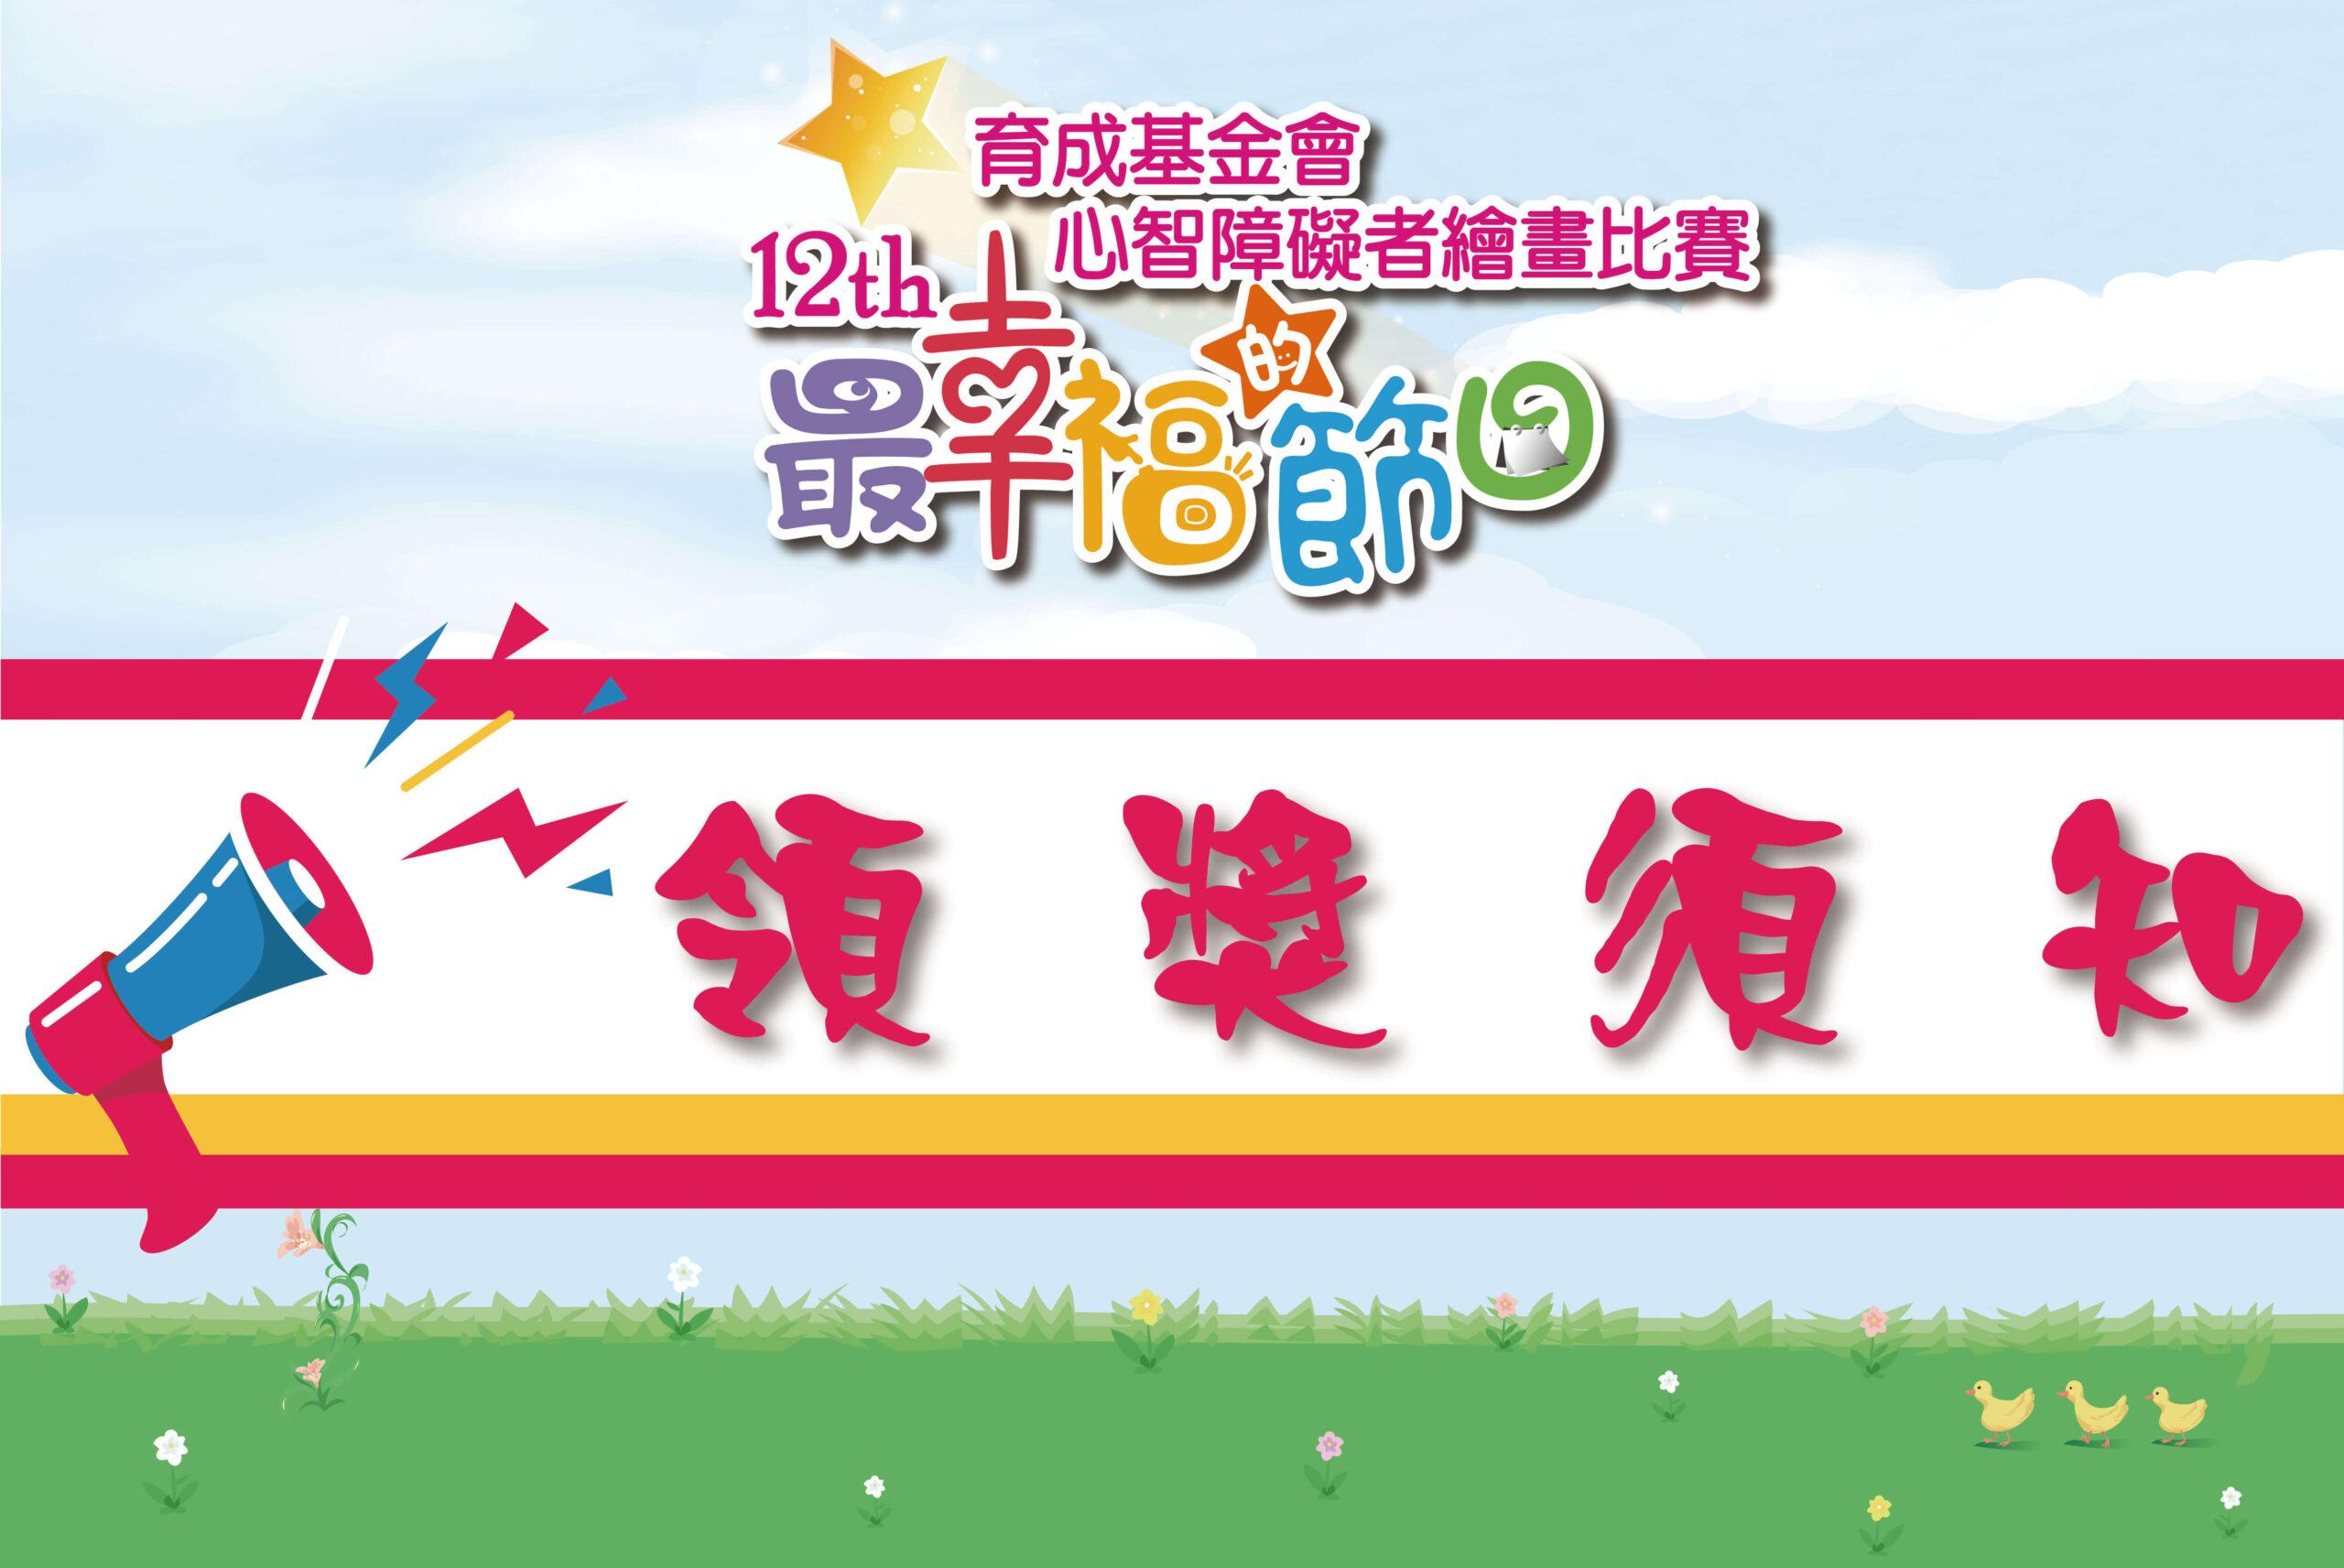 【領獎通知】育成第12屆「最幸福的節日」繪畫比賽領獎須知 代表圖